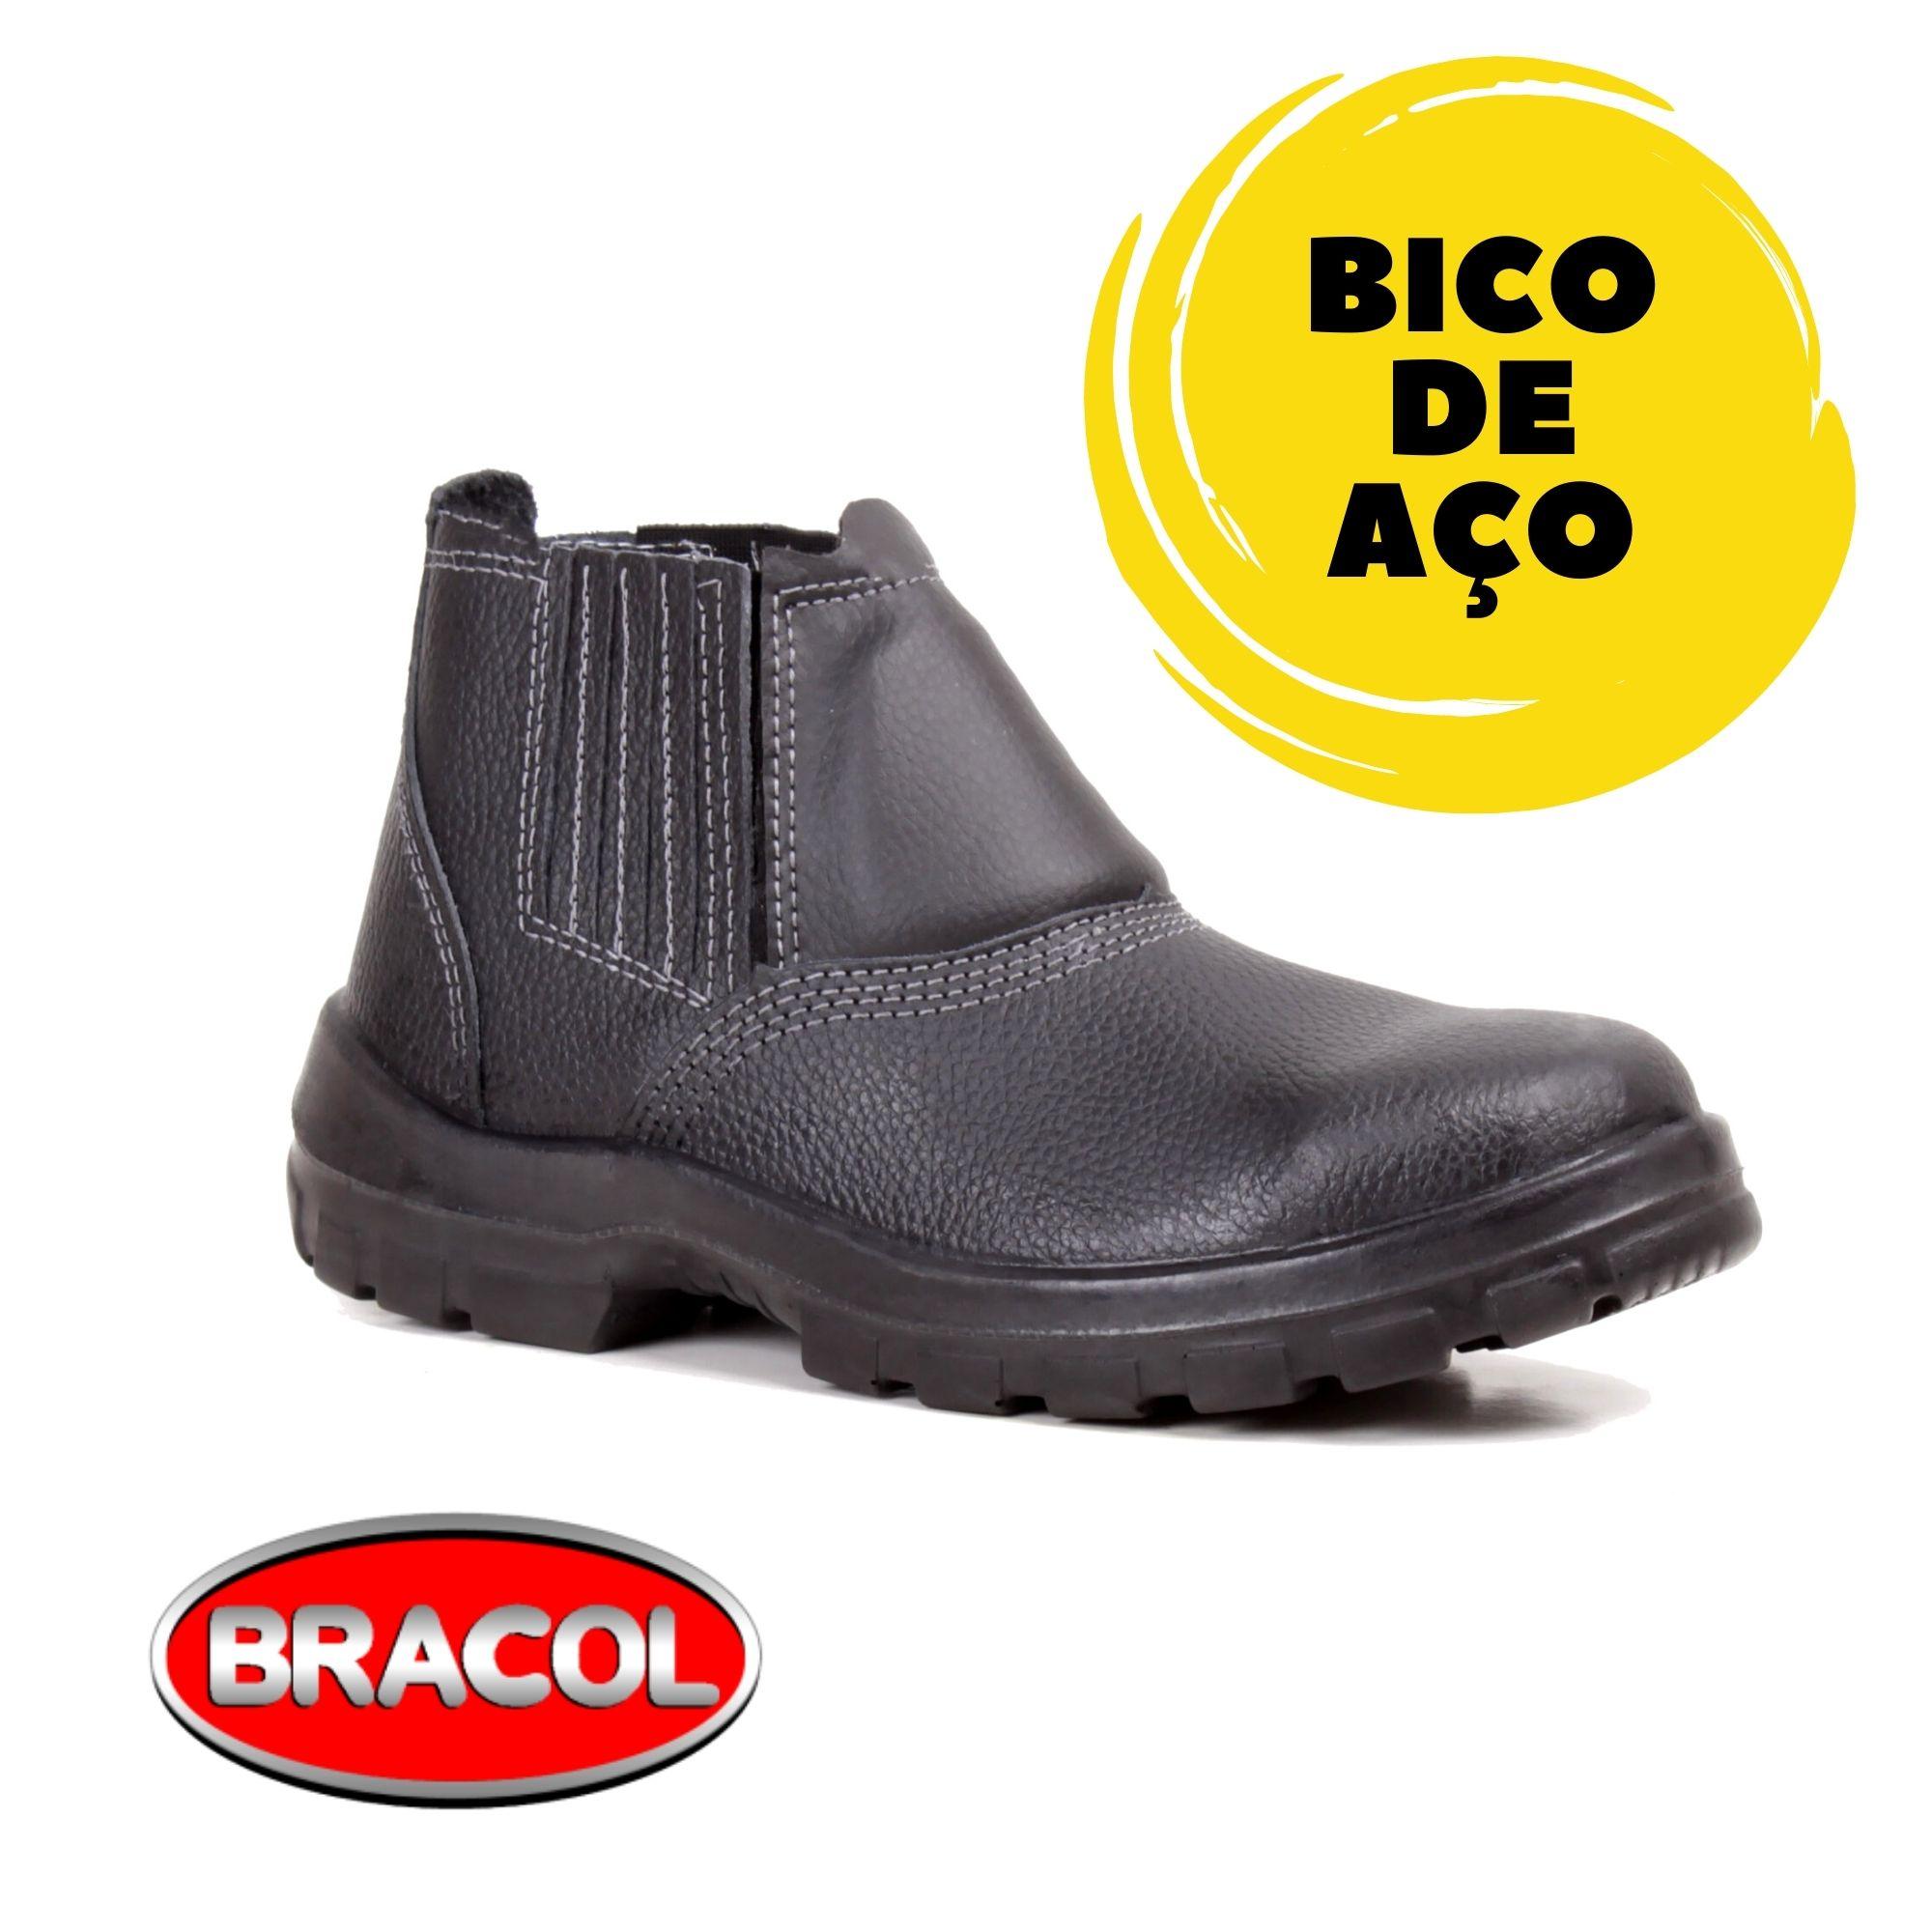 BOTINA DE ELÁSTICO PRETA  ACOLCHOADA COM BICO DE AÇO - BRACOL - CA:26.450  - DE PAULA EPI